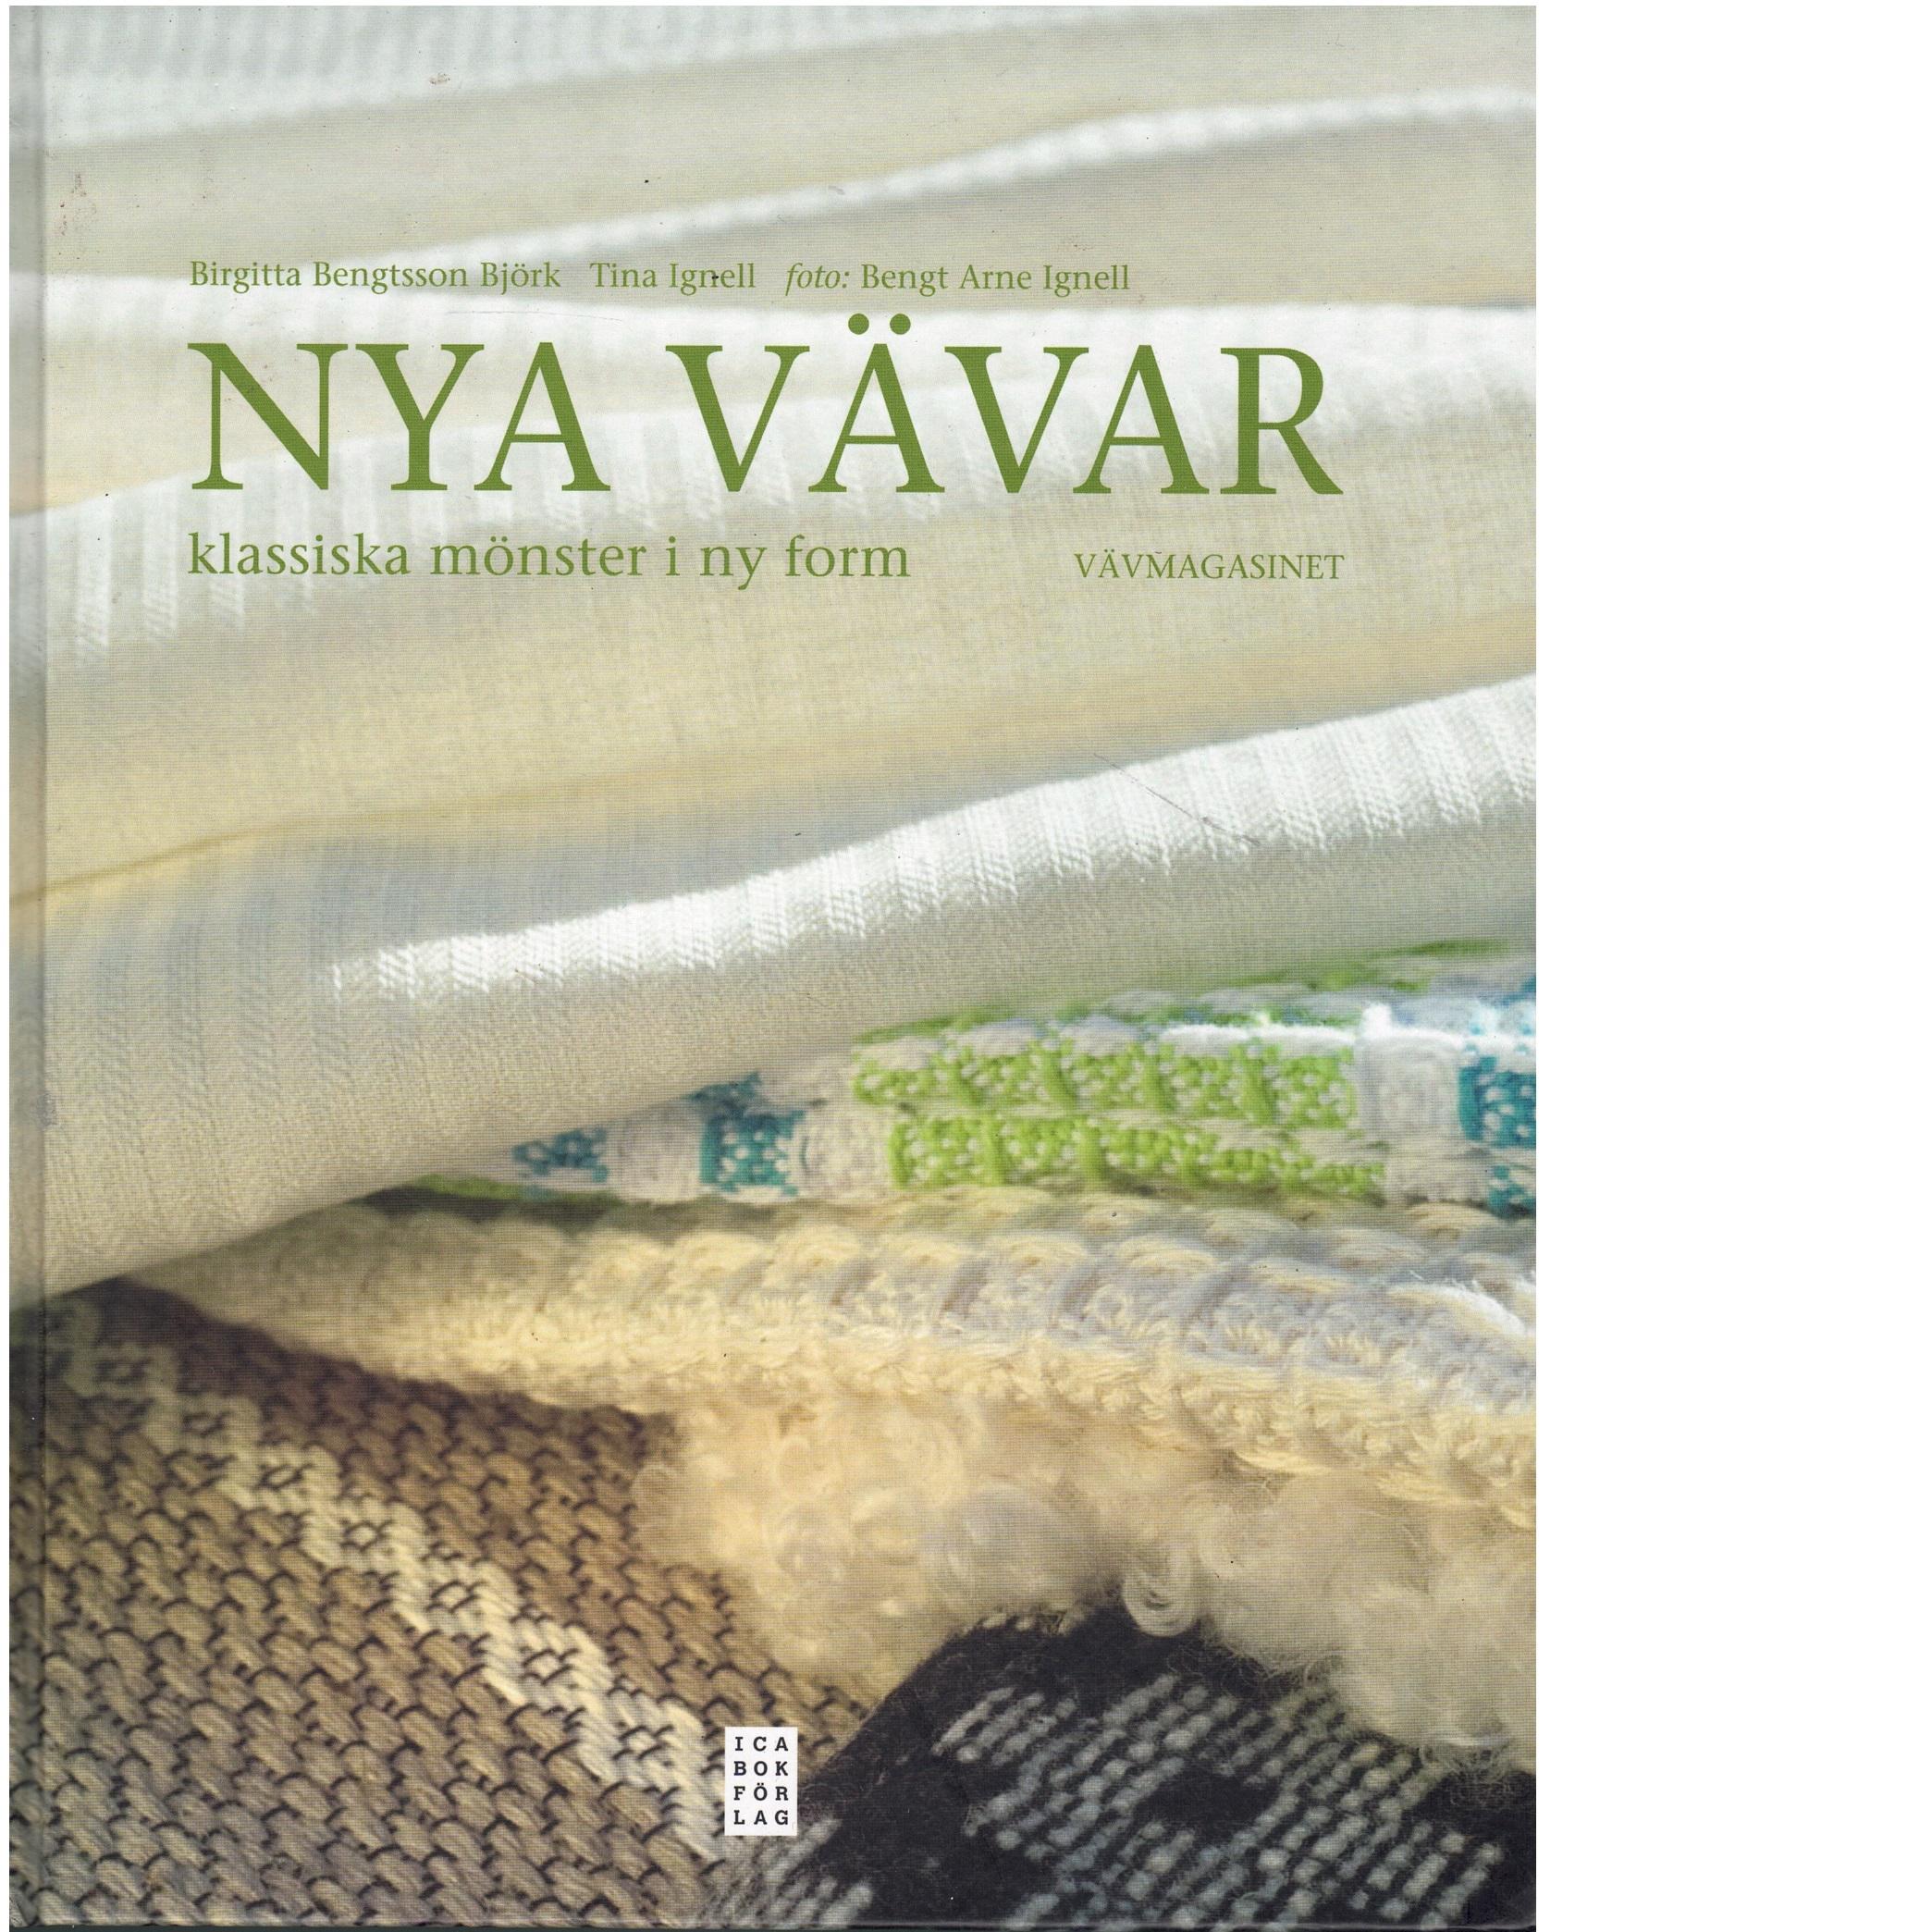 Nya vävar : klassiska mönster i ny form - Bengtsson Björk, Birgitta och Ignell, Tina